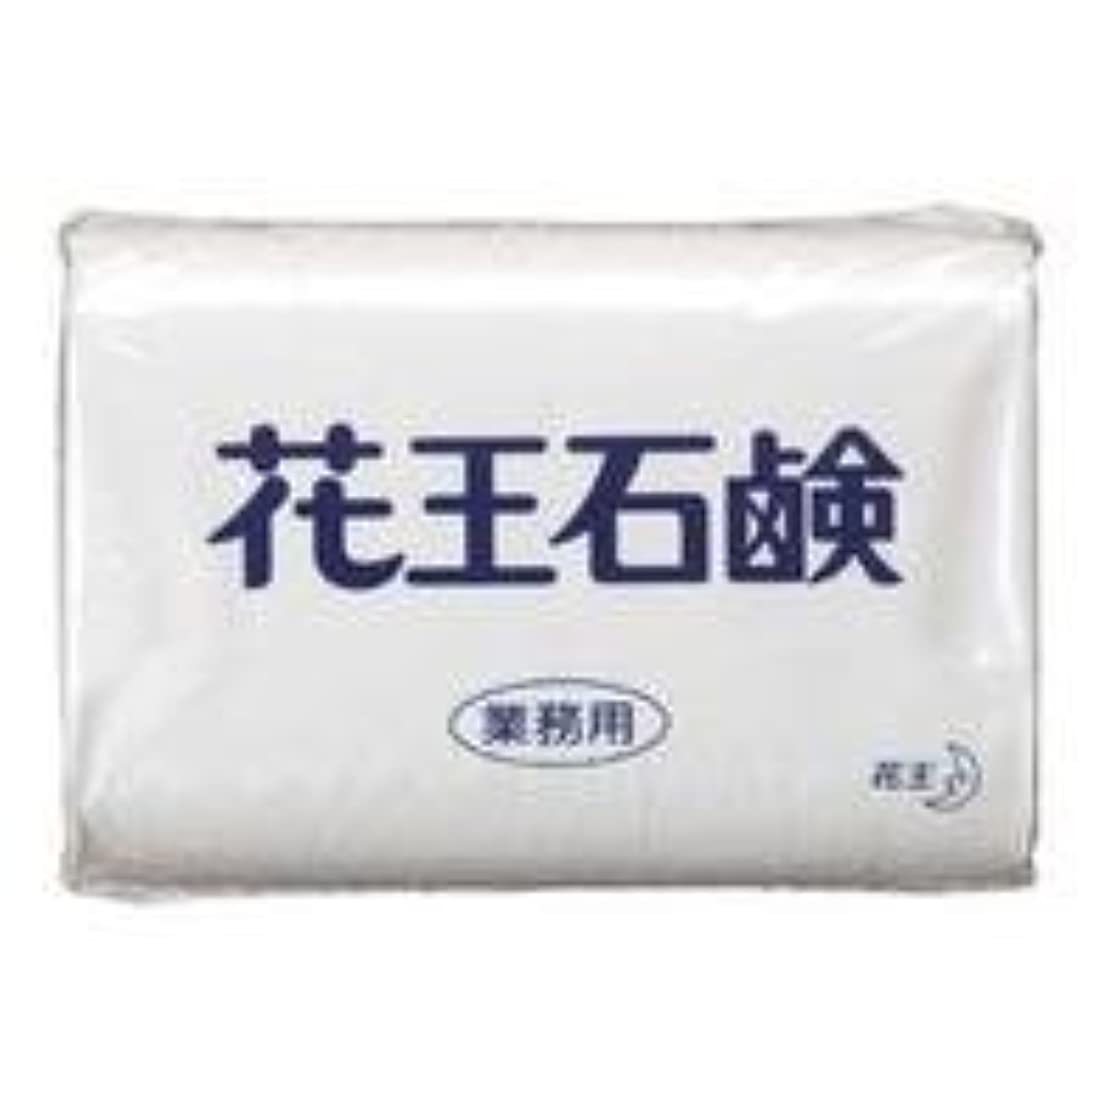 矢描く浸漬業務用石鹸 85g 3個×40パック(120個入り)